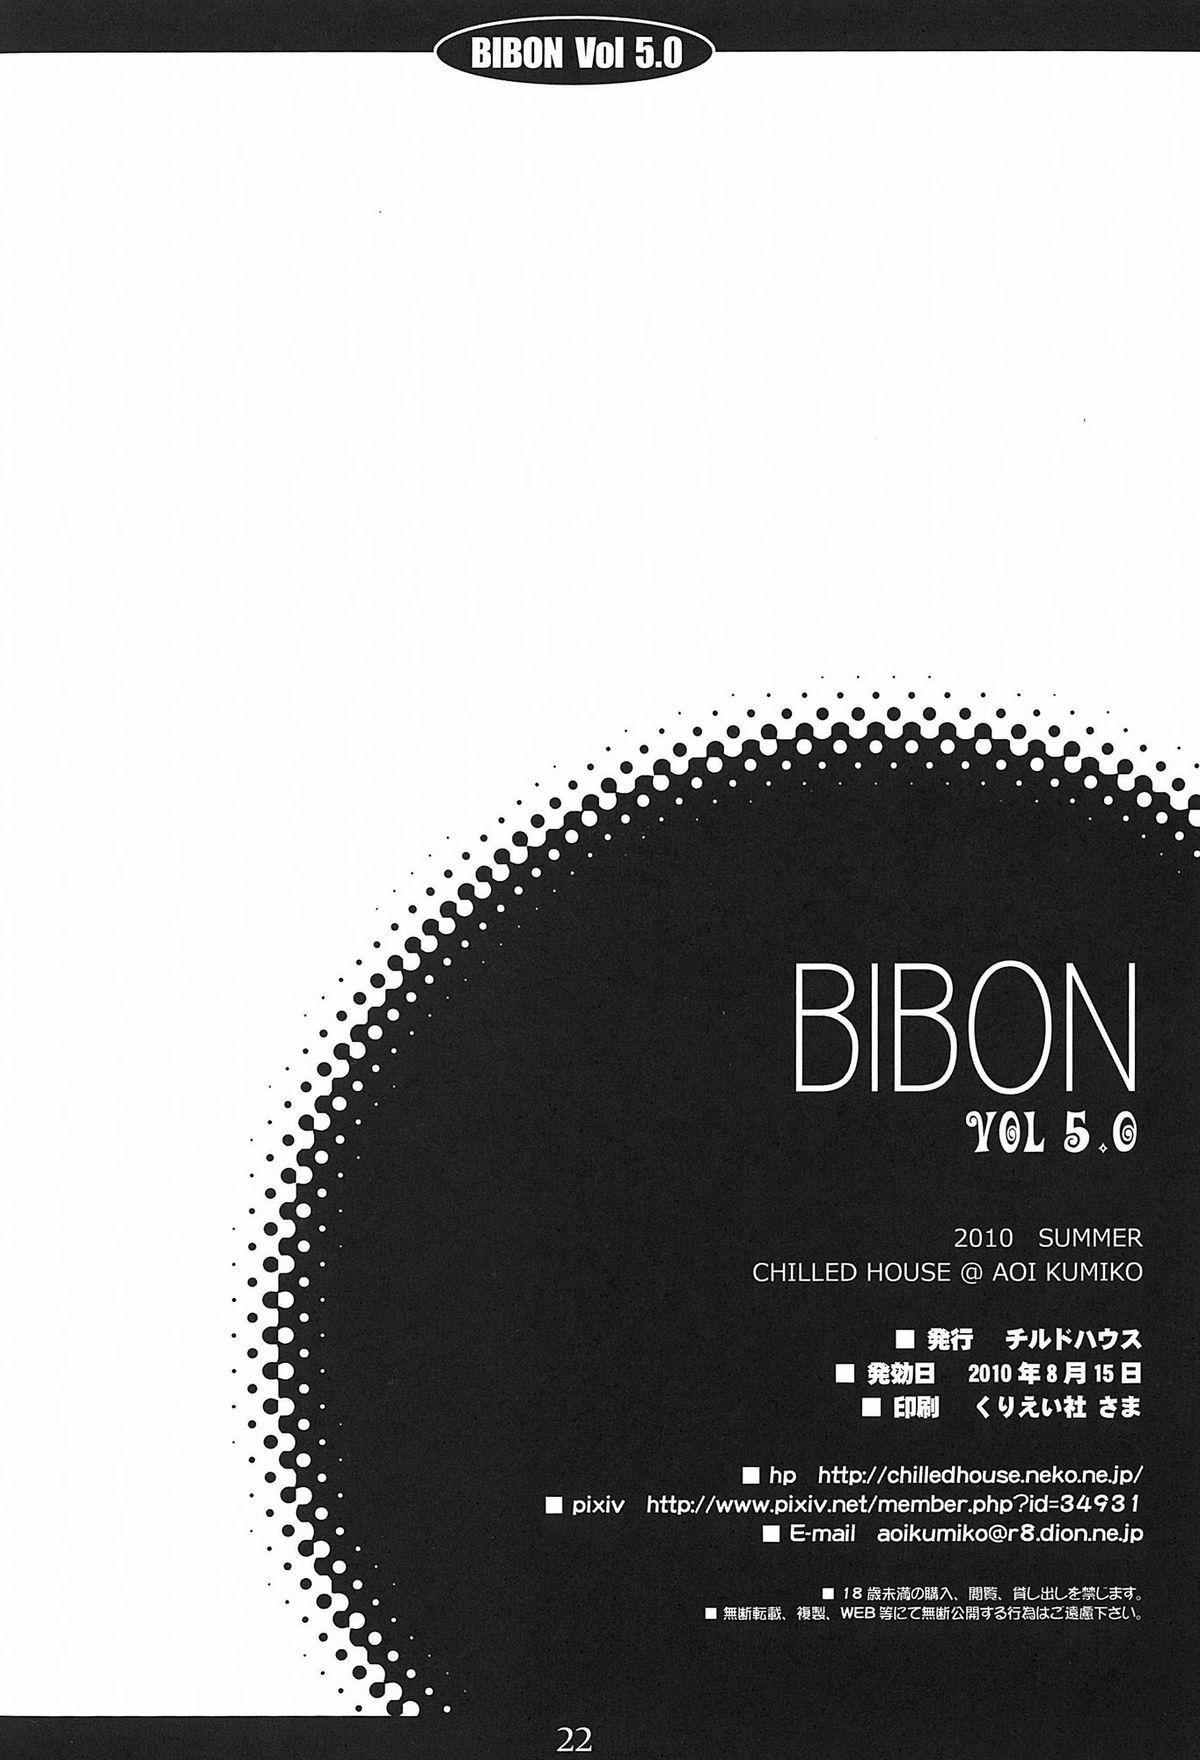 BIBON Vol 5.0 20